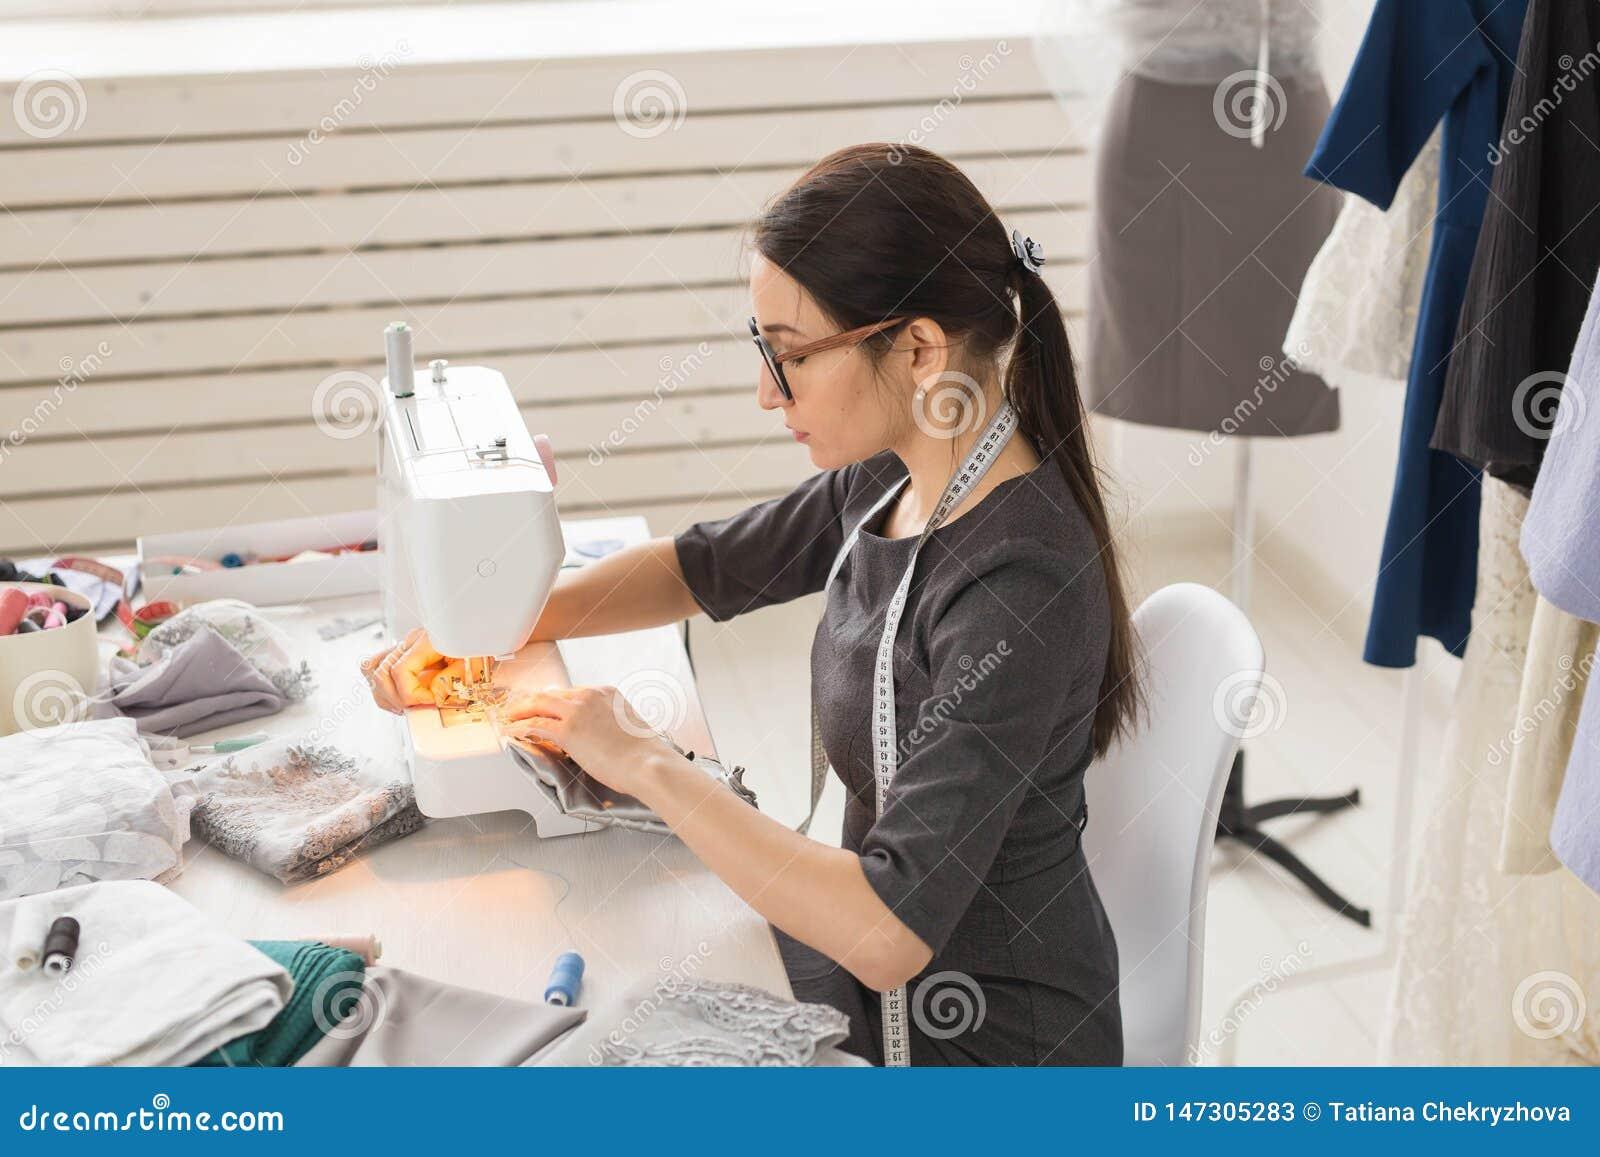 人们、裁缝和时尚概念-时尚编辑侧视图画象玻璃的使用缝纫机